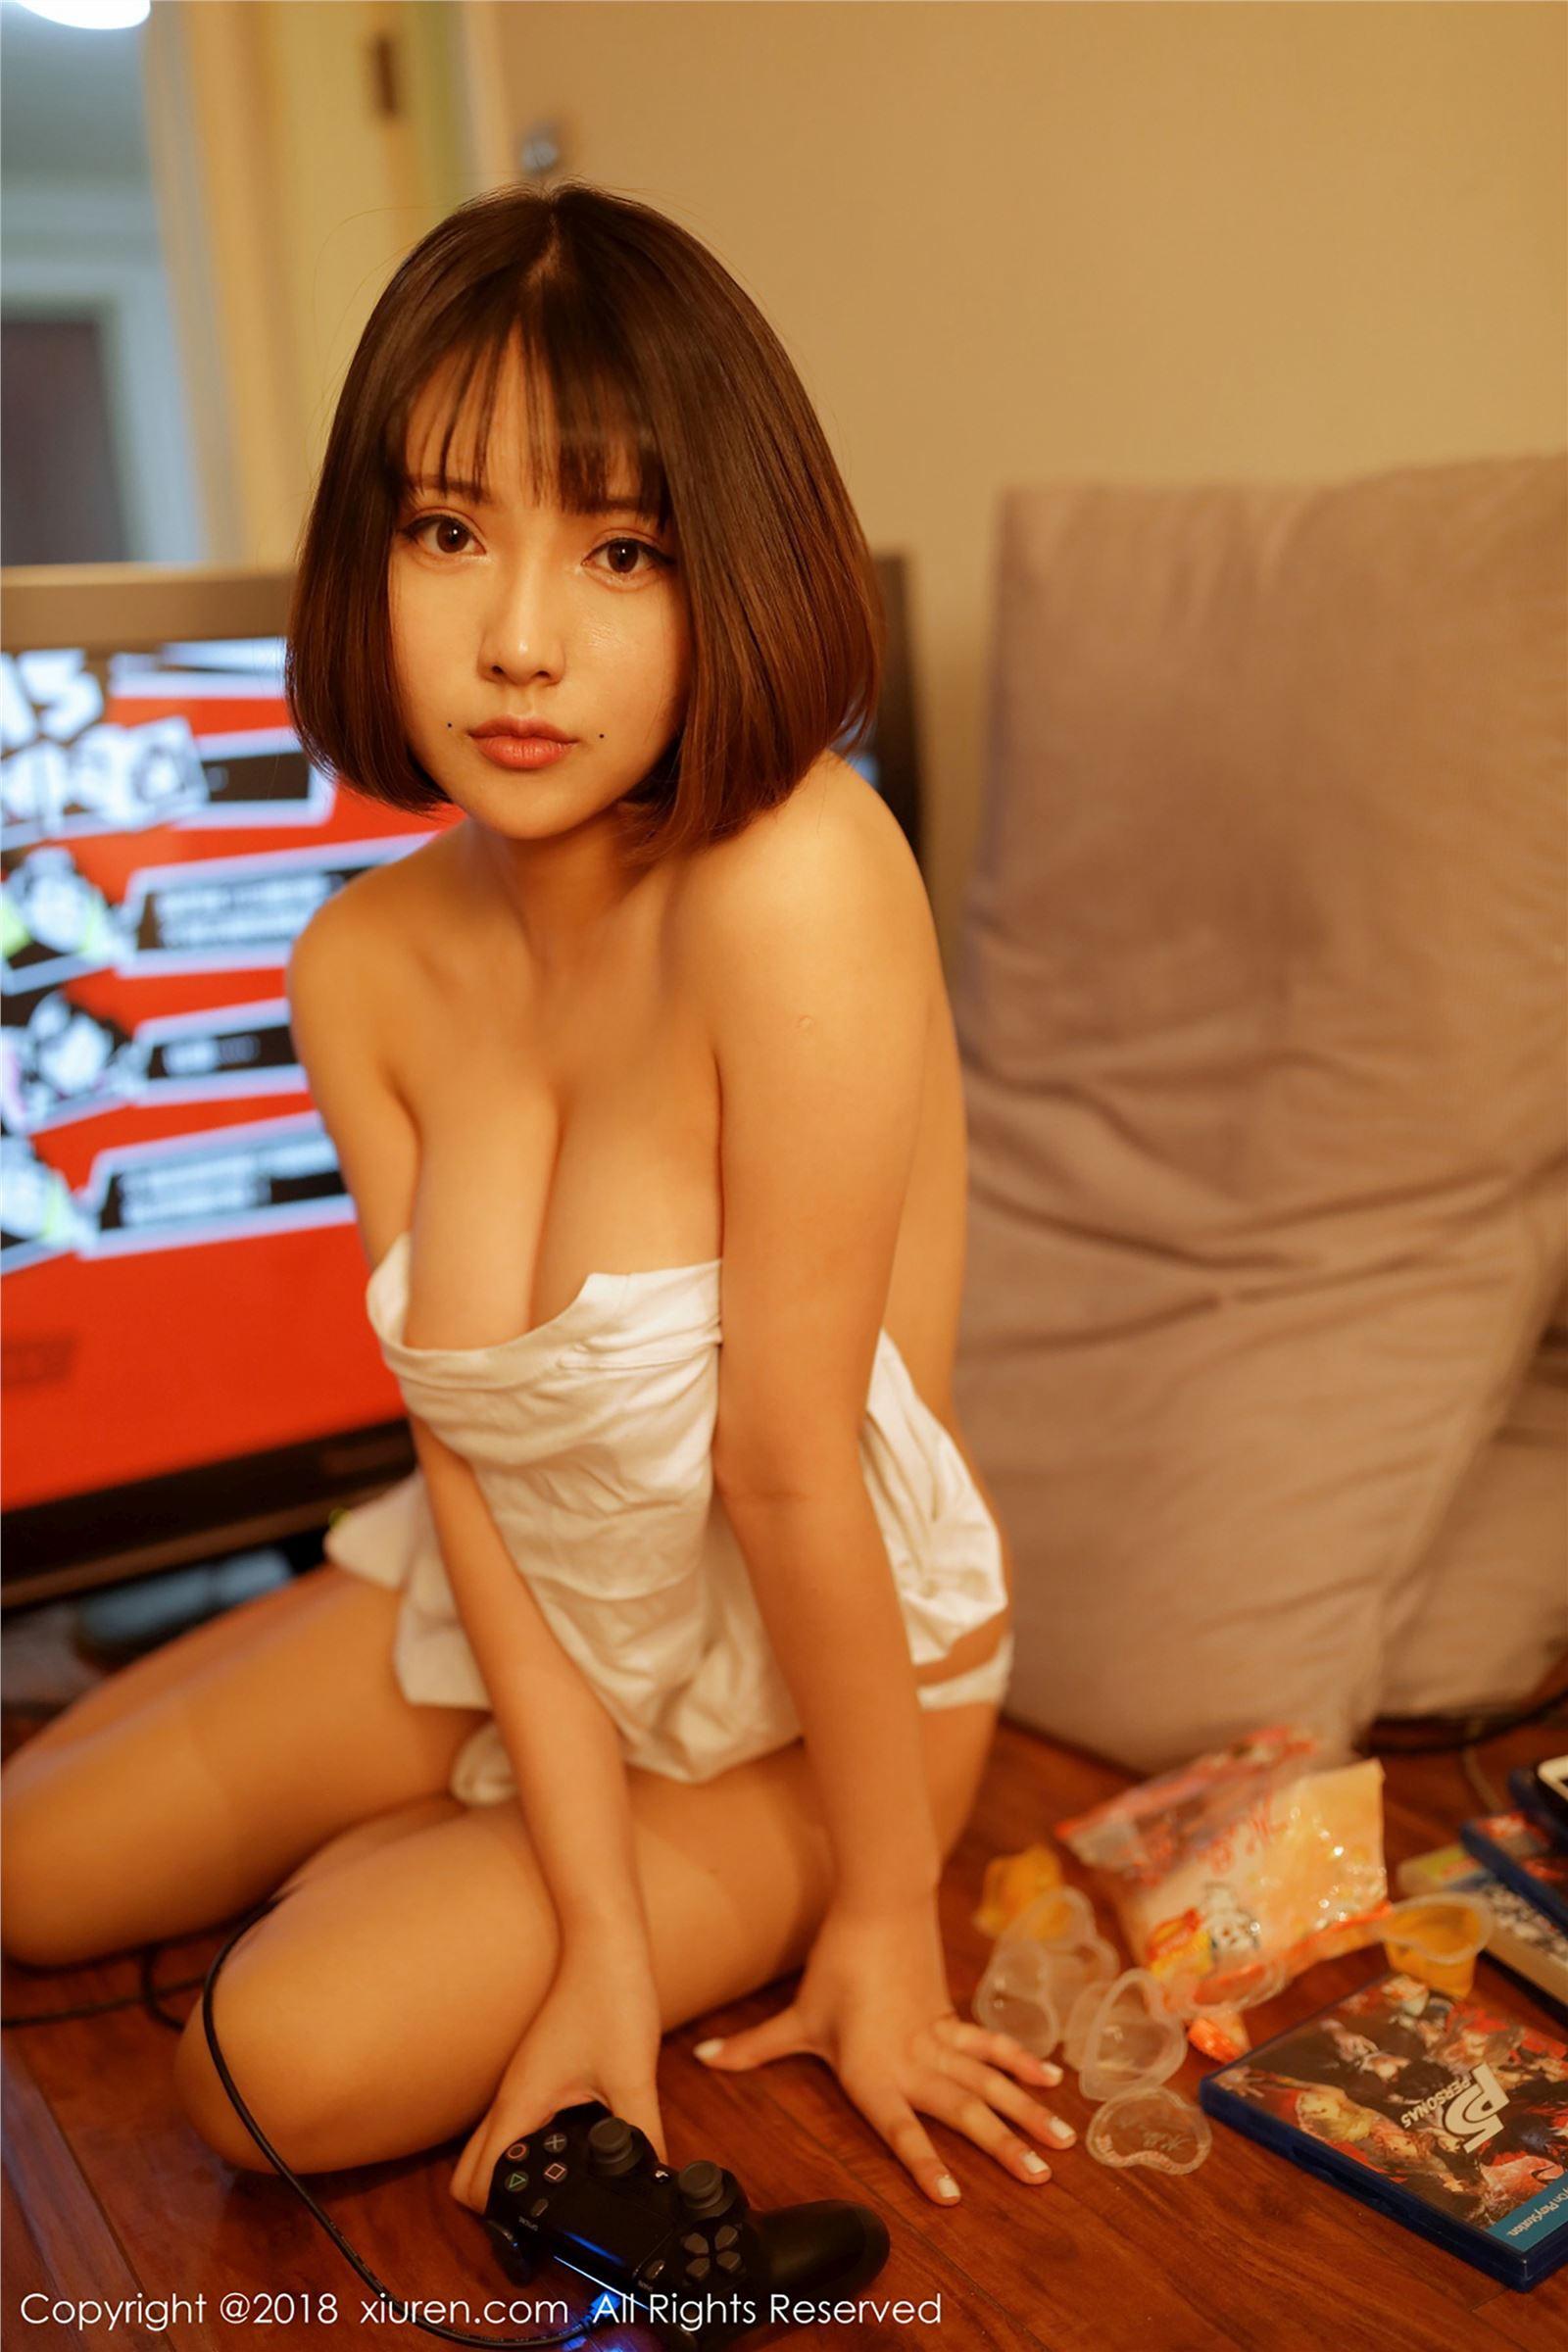 XIUREN秀人网 2018.09.05 No.1148 小魔女奈奈